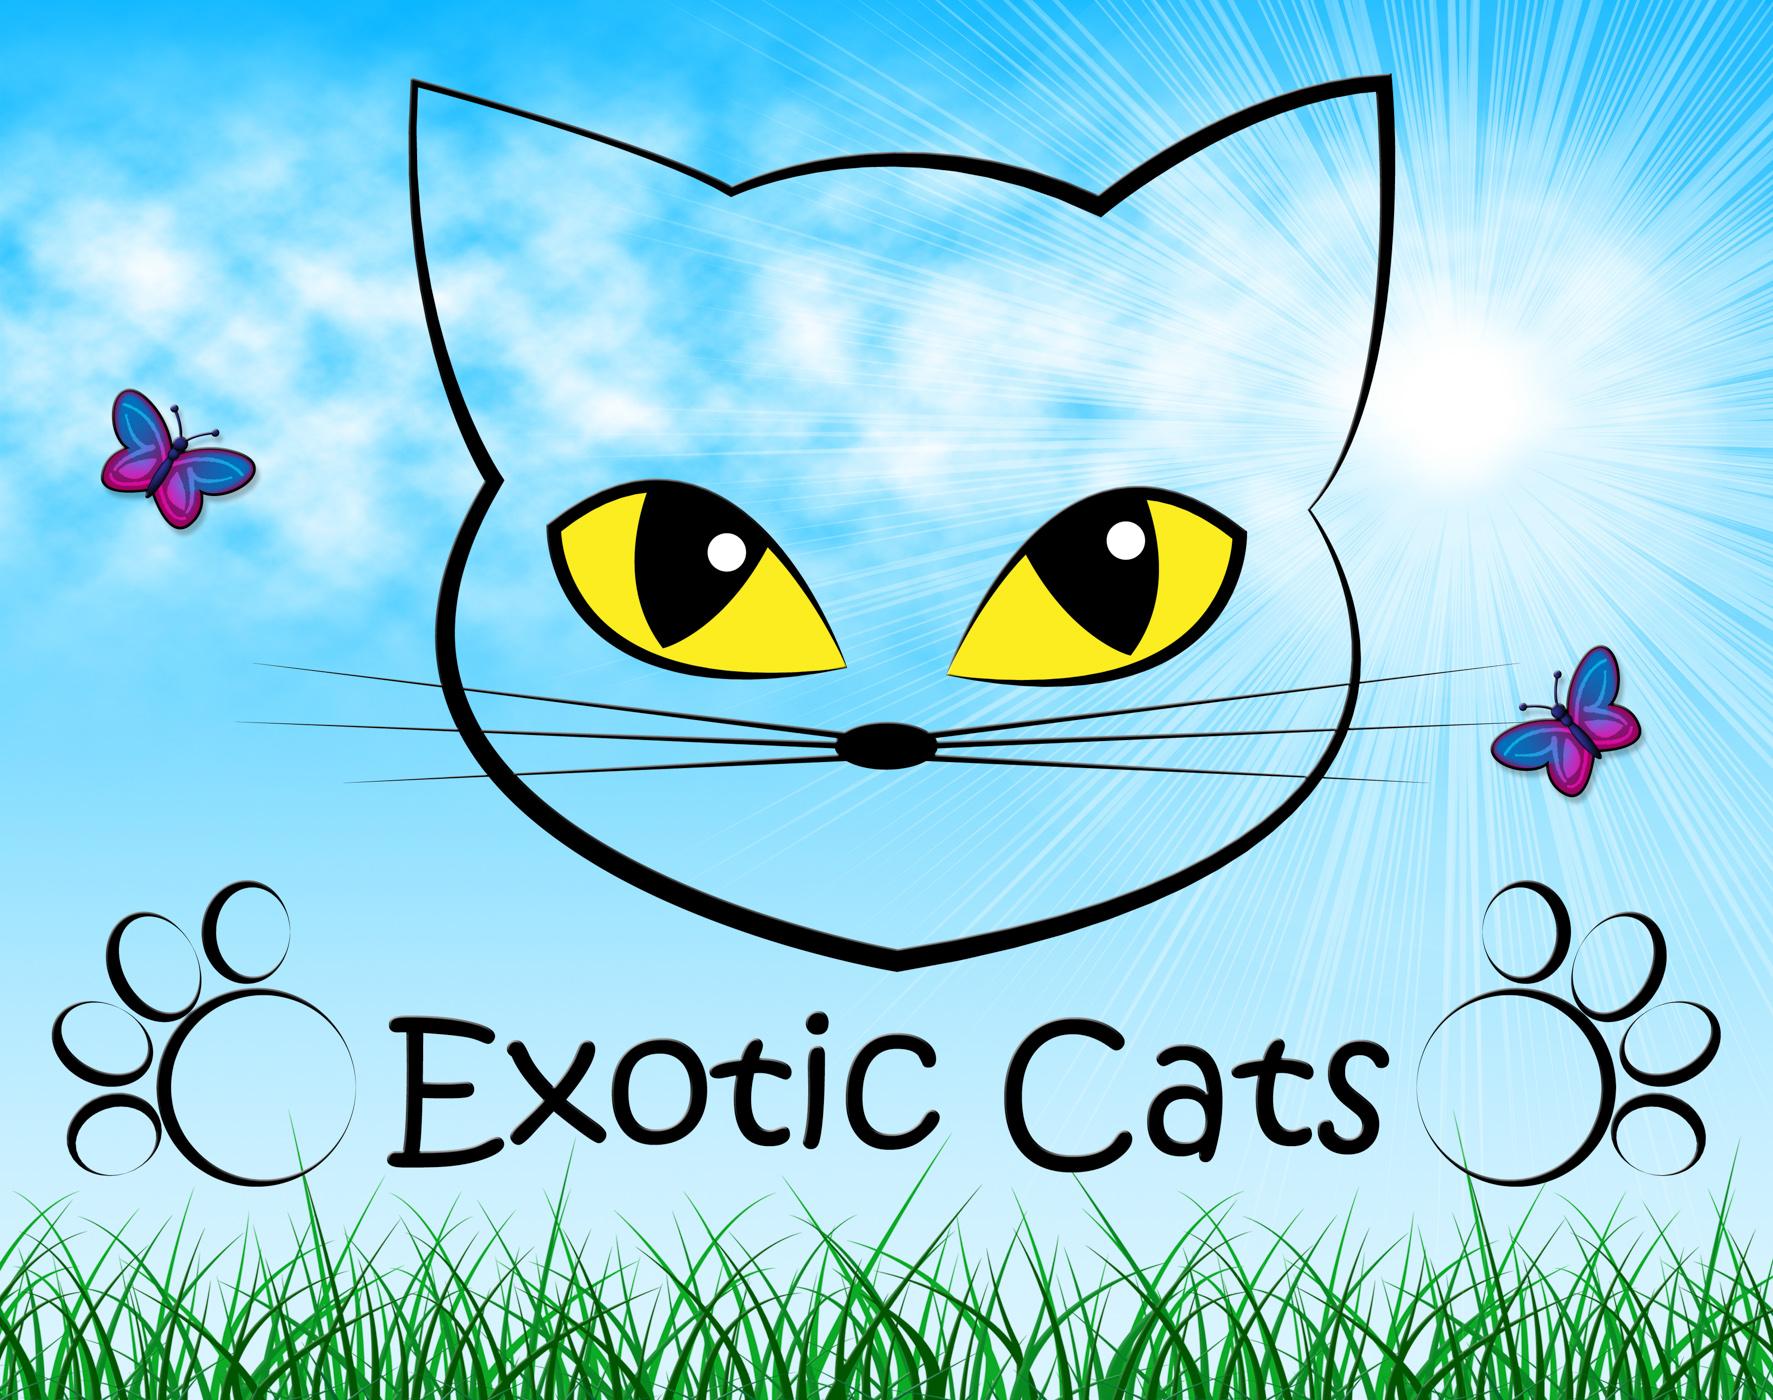 Exotic Cats Indicates Felines Unique And Unusual, Cat, Pedigree, Unique, Special, HQ Photo